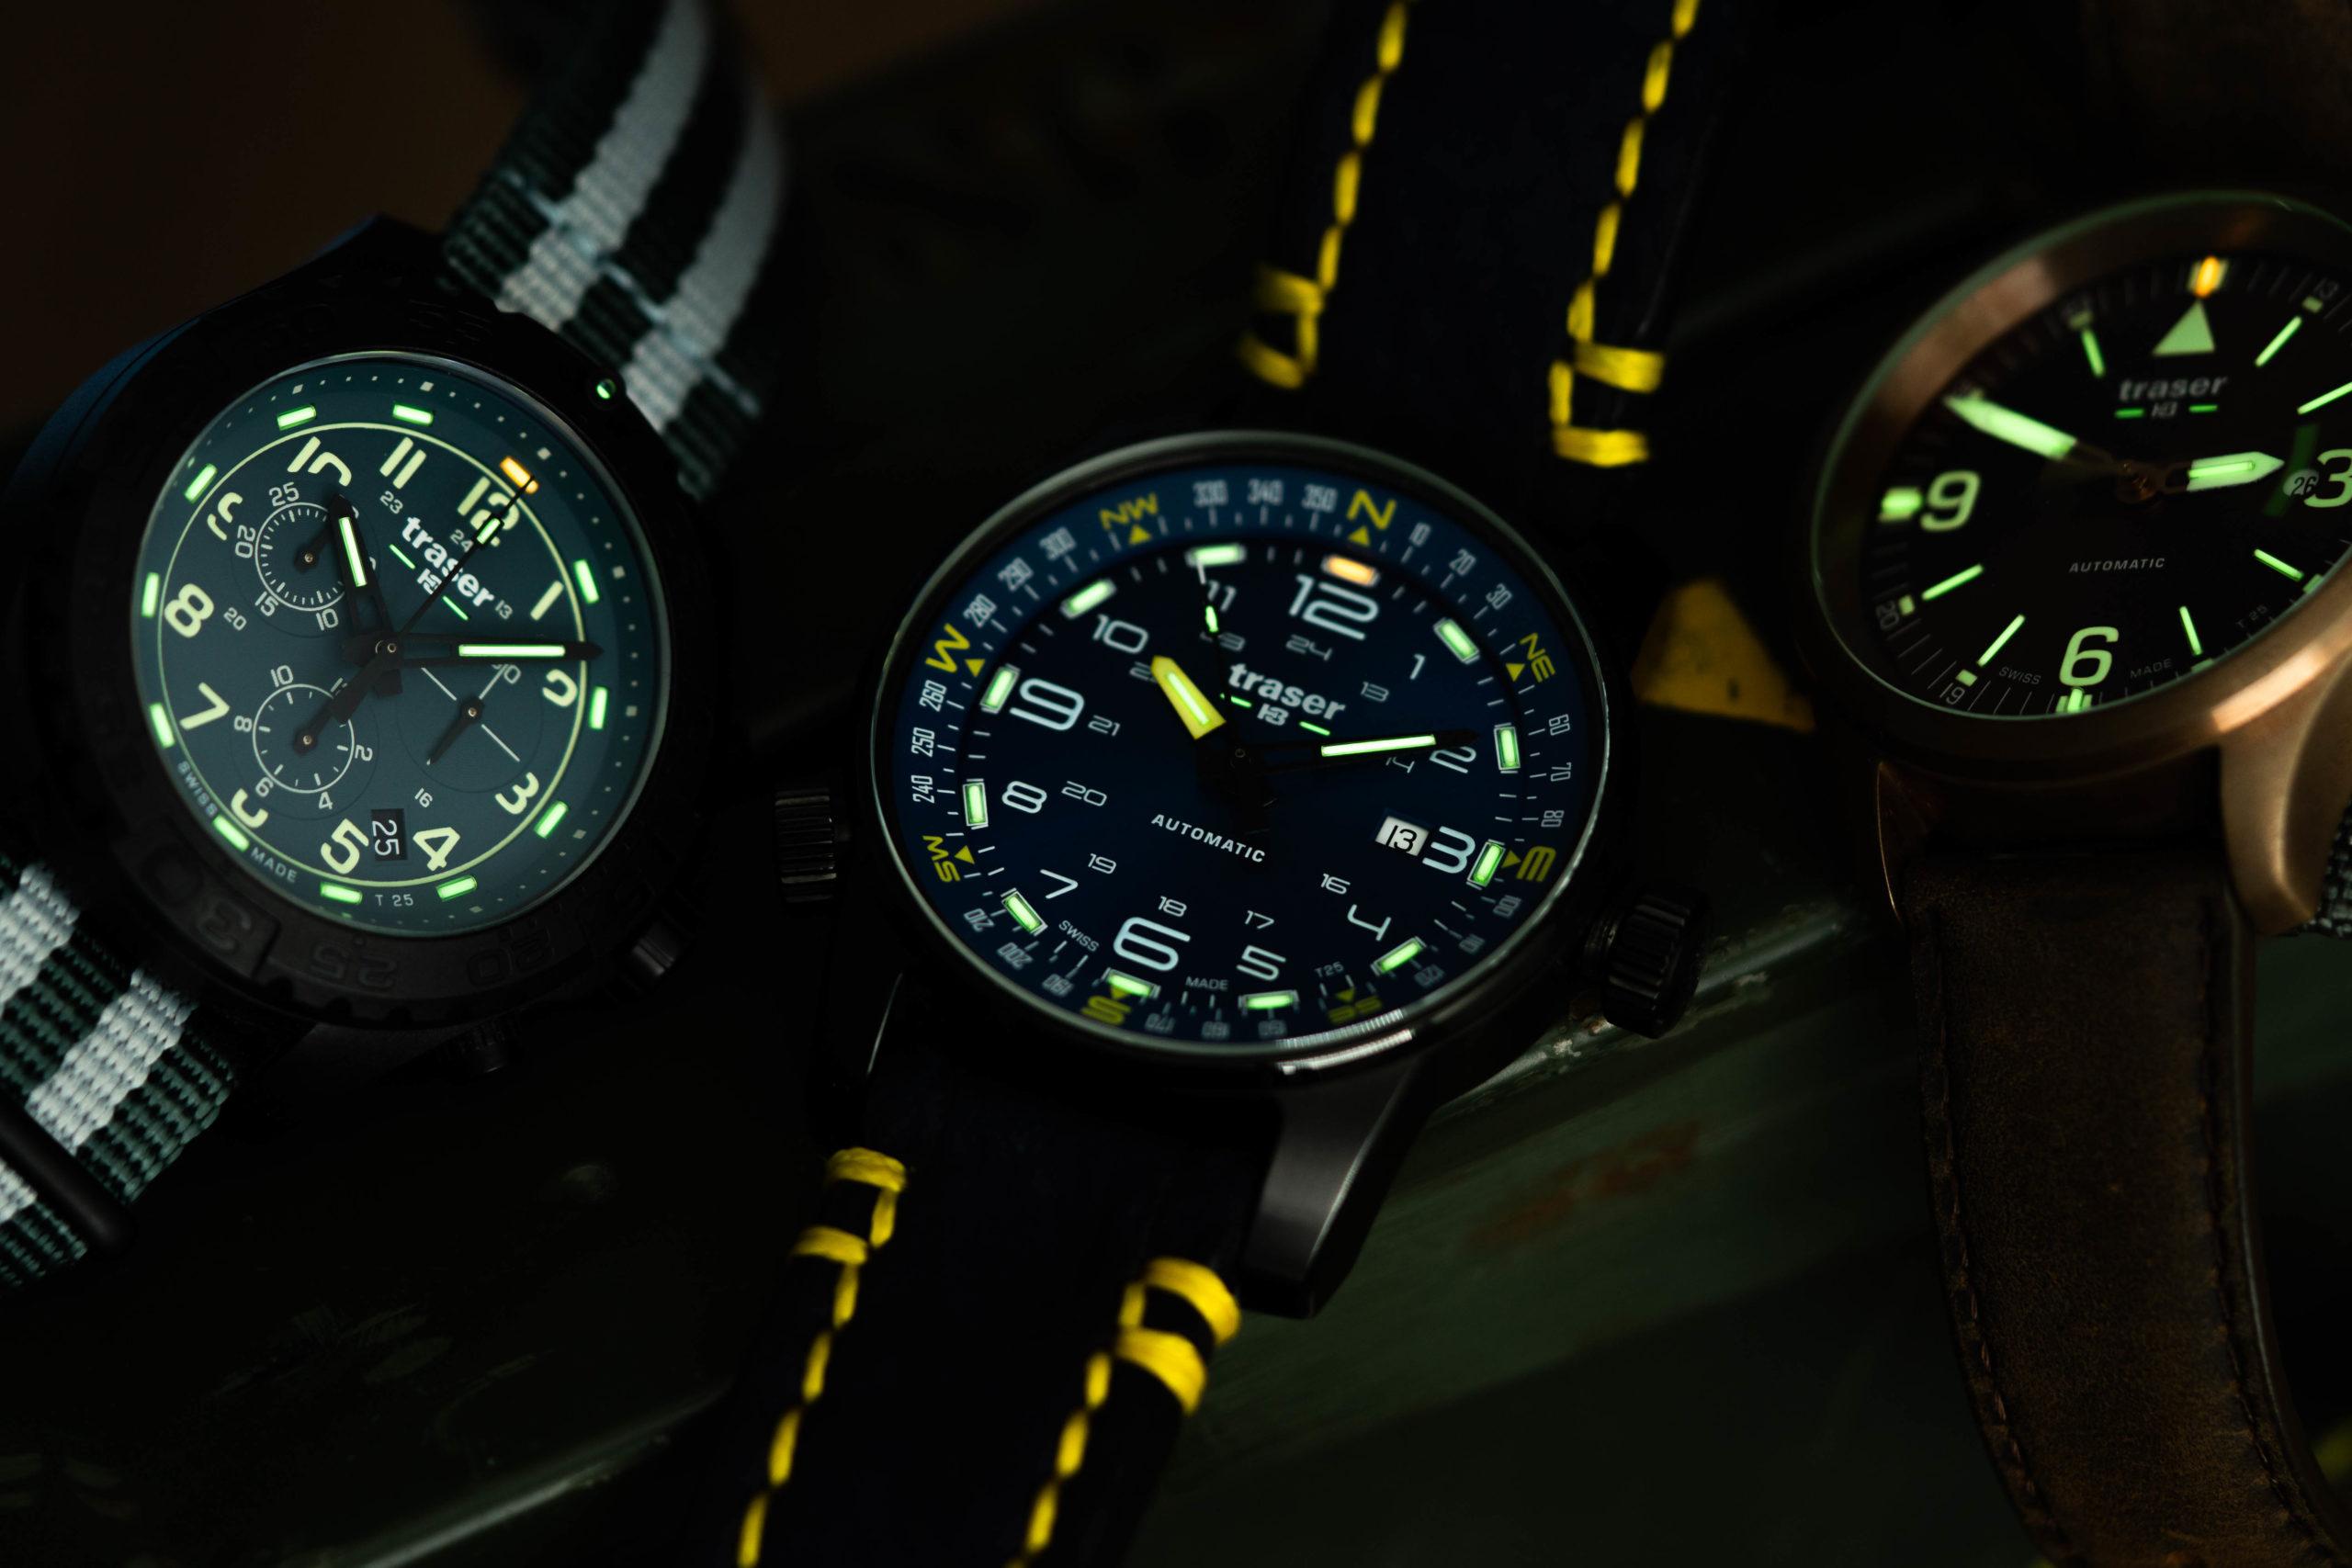 Traser-Trigalight-1GBq-Tritium-GTLS-Einsatz-Uhr-6-von-8